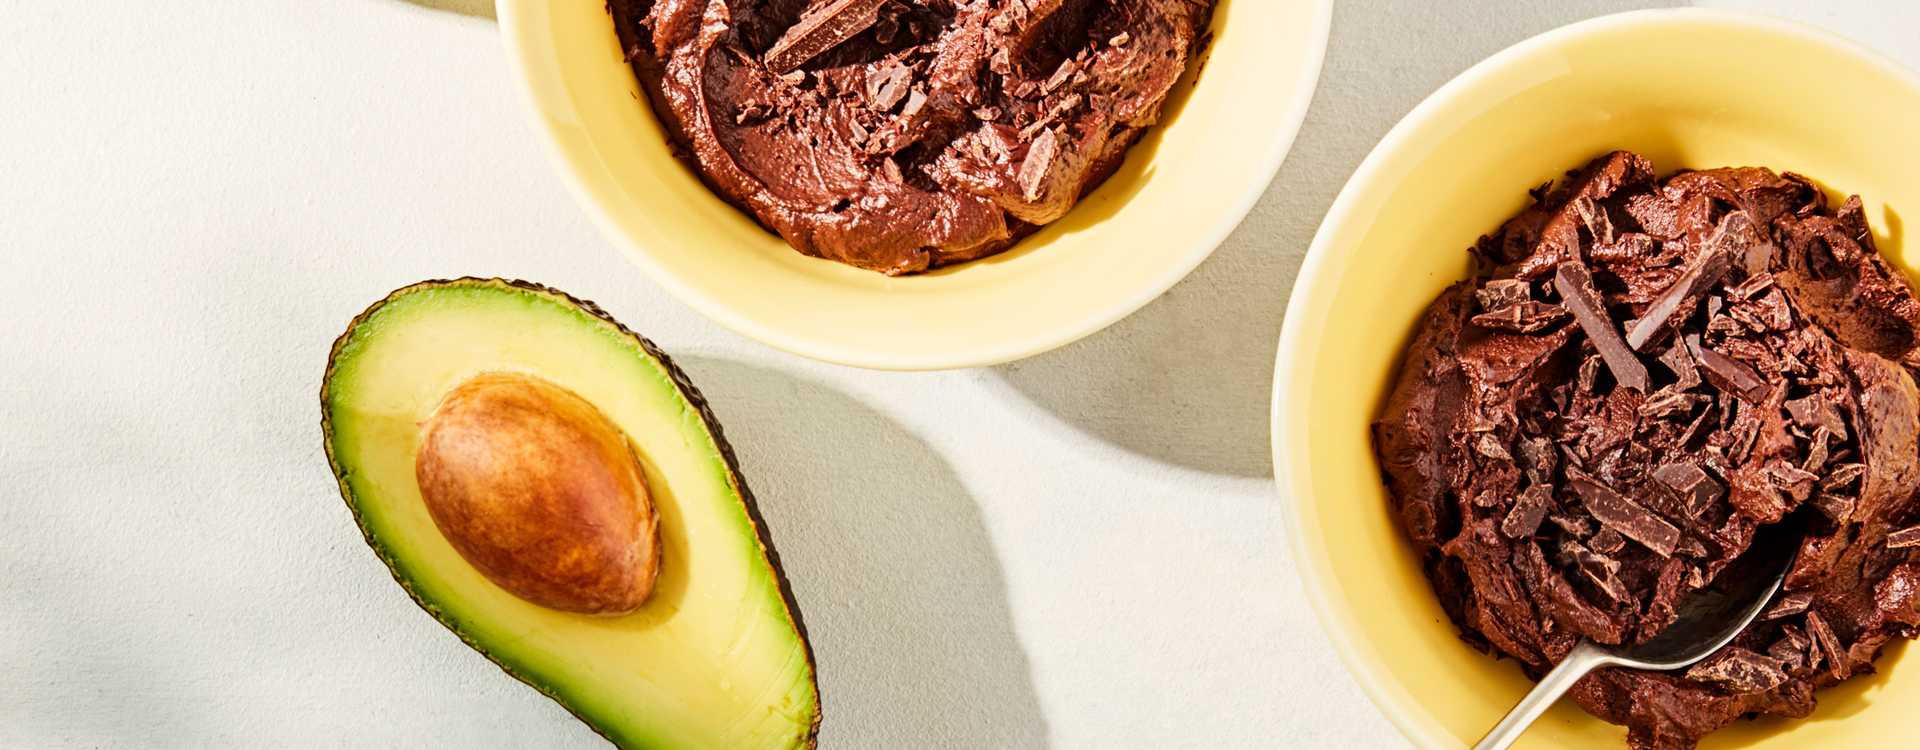 Mørk sjokolademousse med avokado